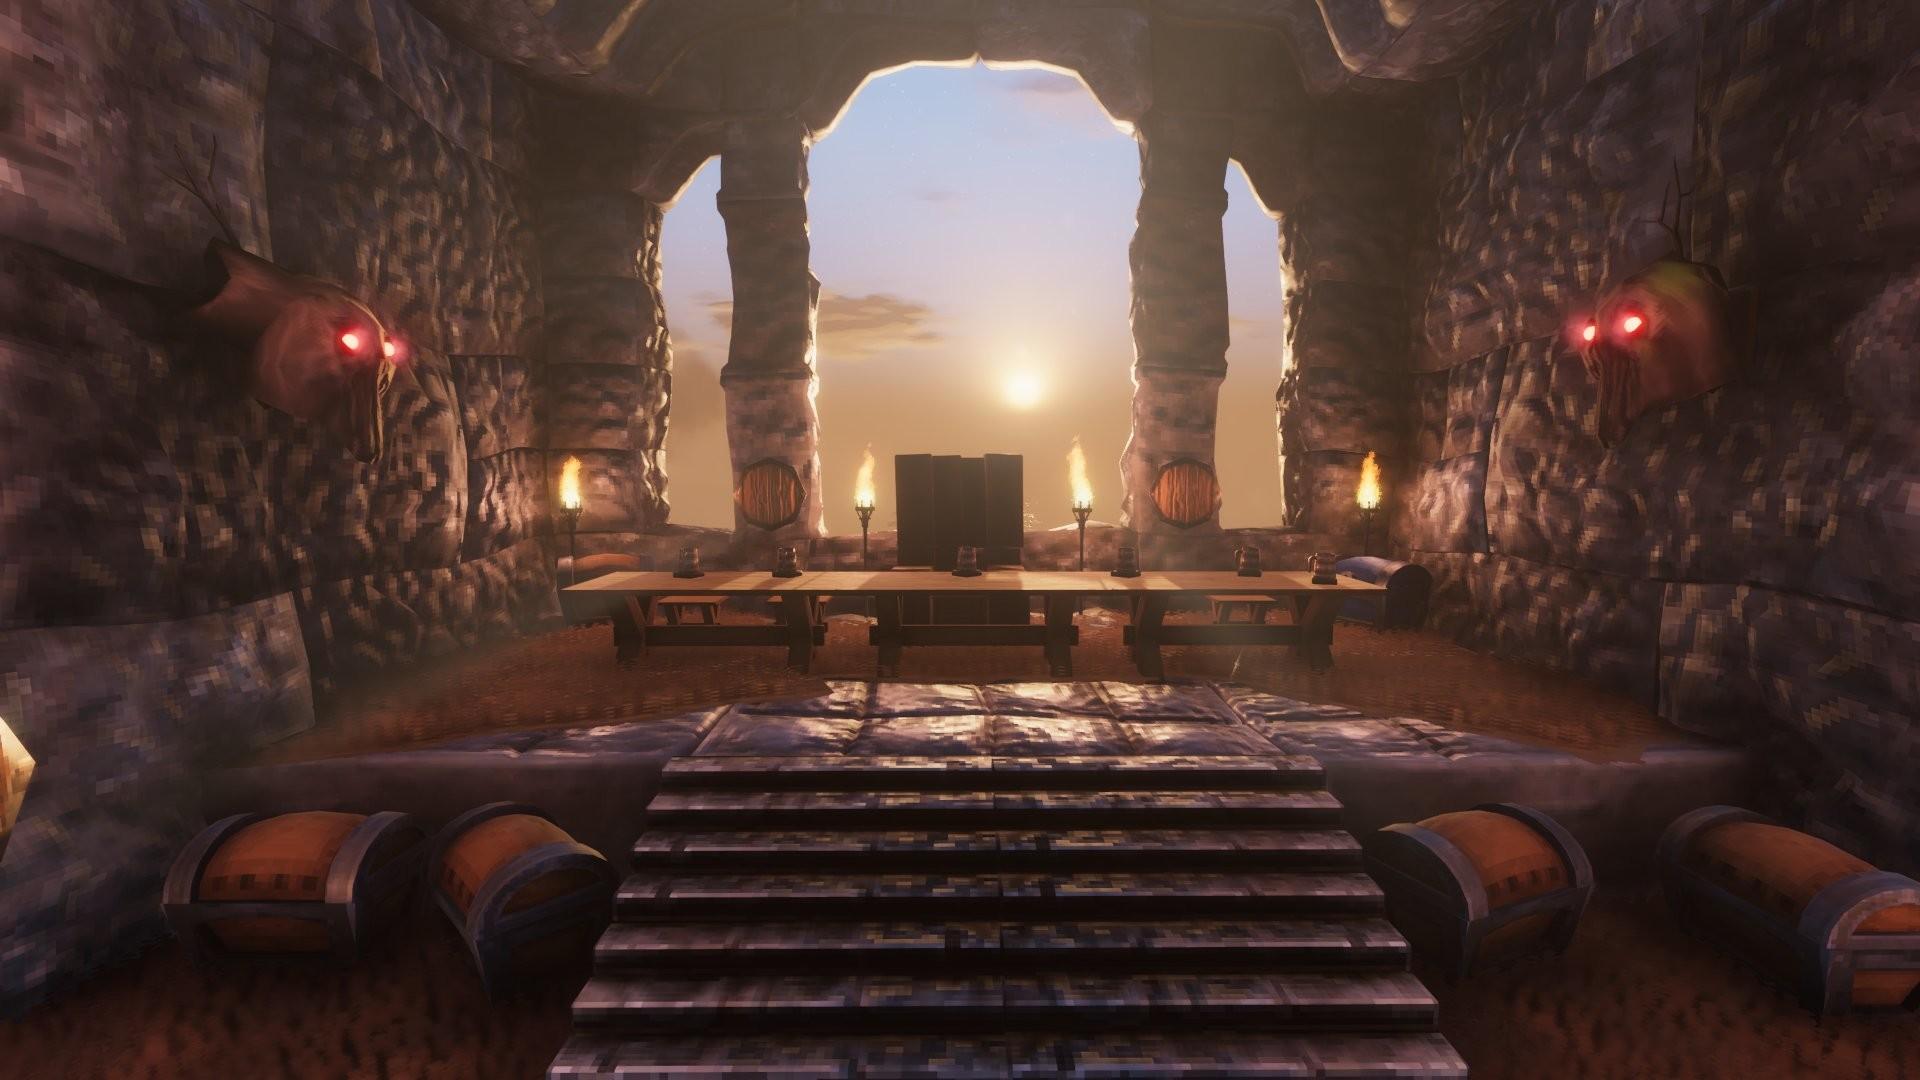 瓦尔海姆:英灵神殿/Valheim英灵神殿 更新V155版